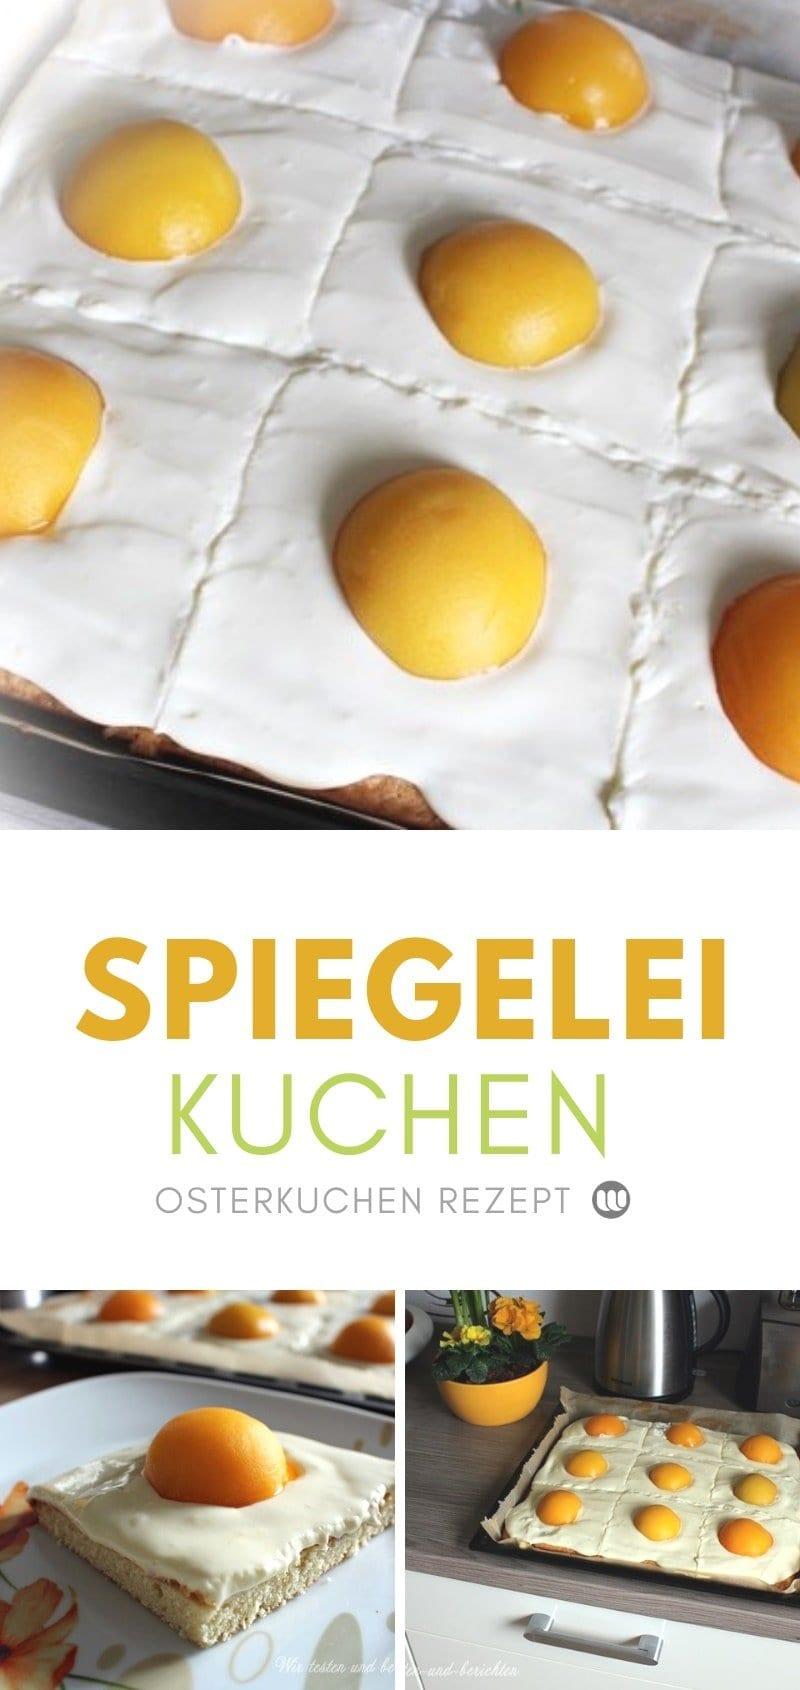 Bist du in Osterstimmung und suchst nach einem passenden Kuchen-Rezept für Ostern? Wie wäre es mit Spiegeleikuchen mit Schmand und Aprikosen?